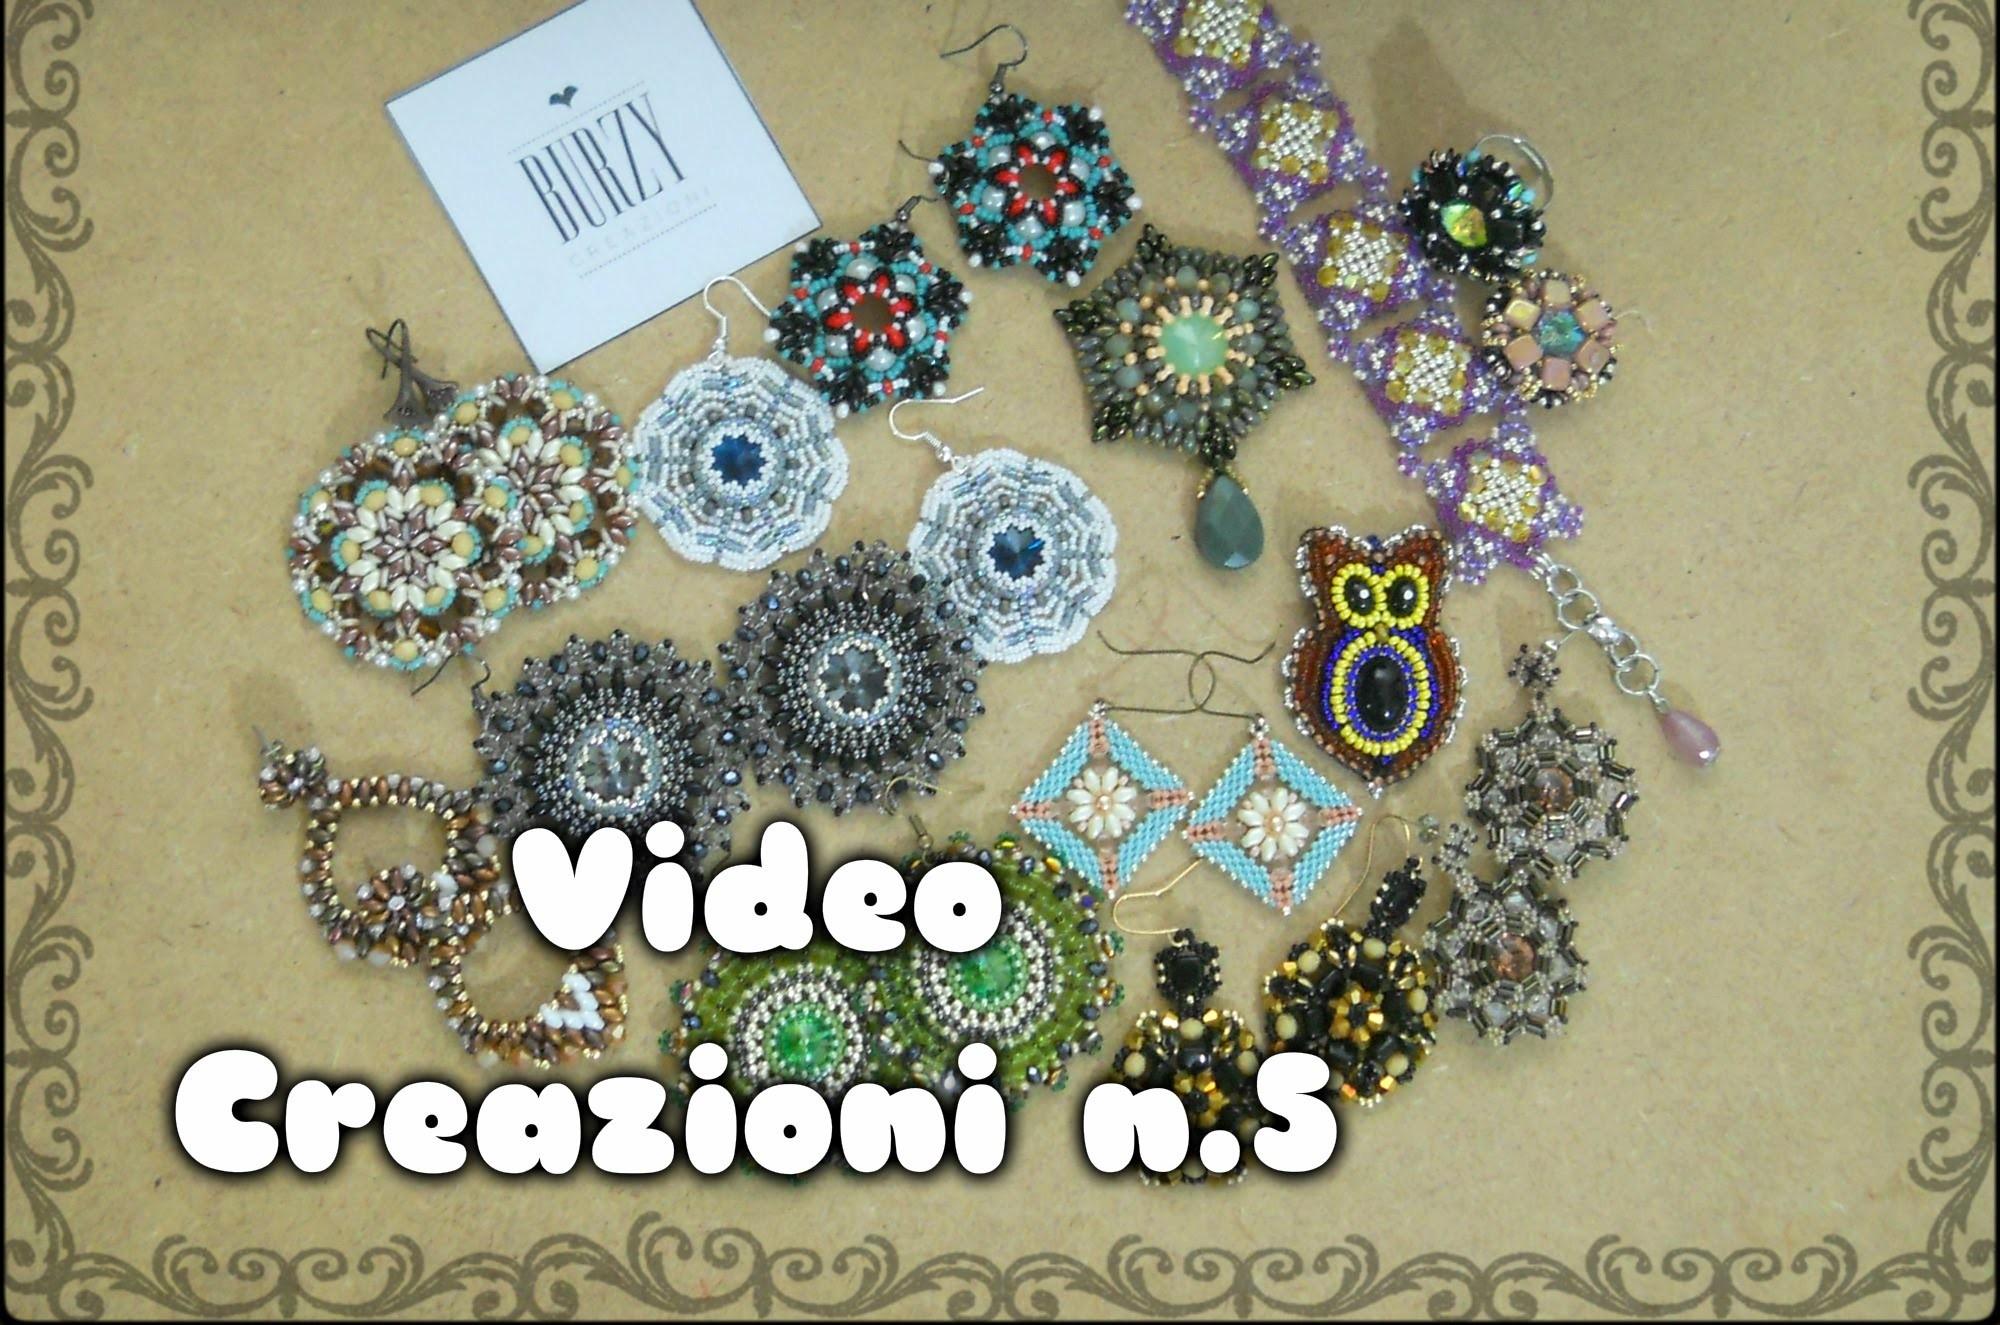 Video Creazioni #5 Orecchini Bracciali Ciondoli handmade BURZY perline Bijoux